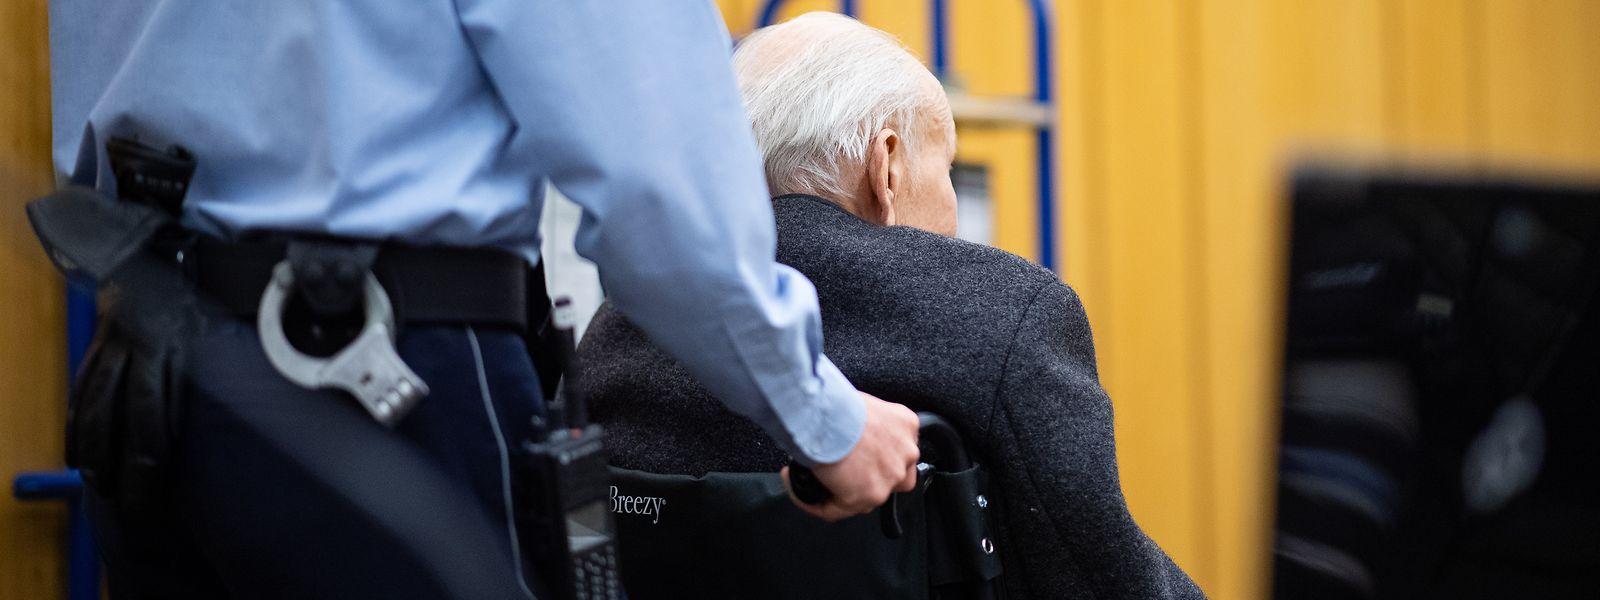 Der 94-Jährige ist wegen Beihilfe zum Mord in mehreren Hundert Fällen angeklagt.